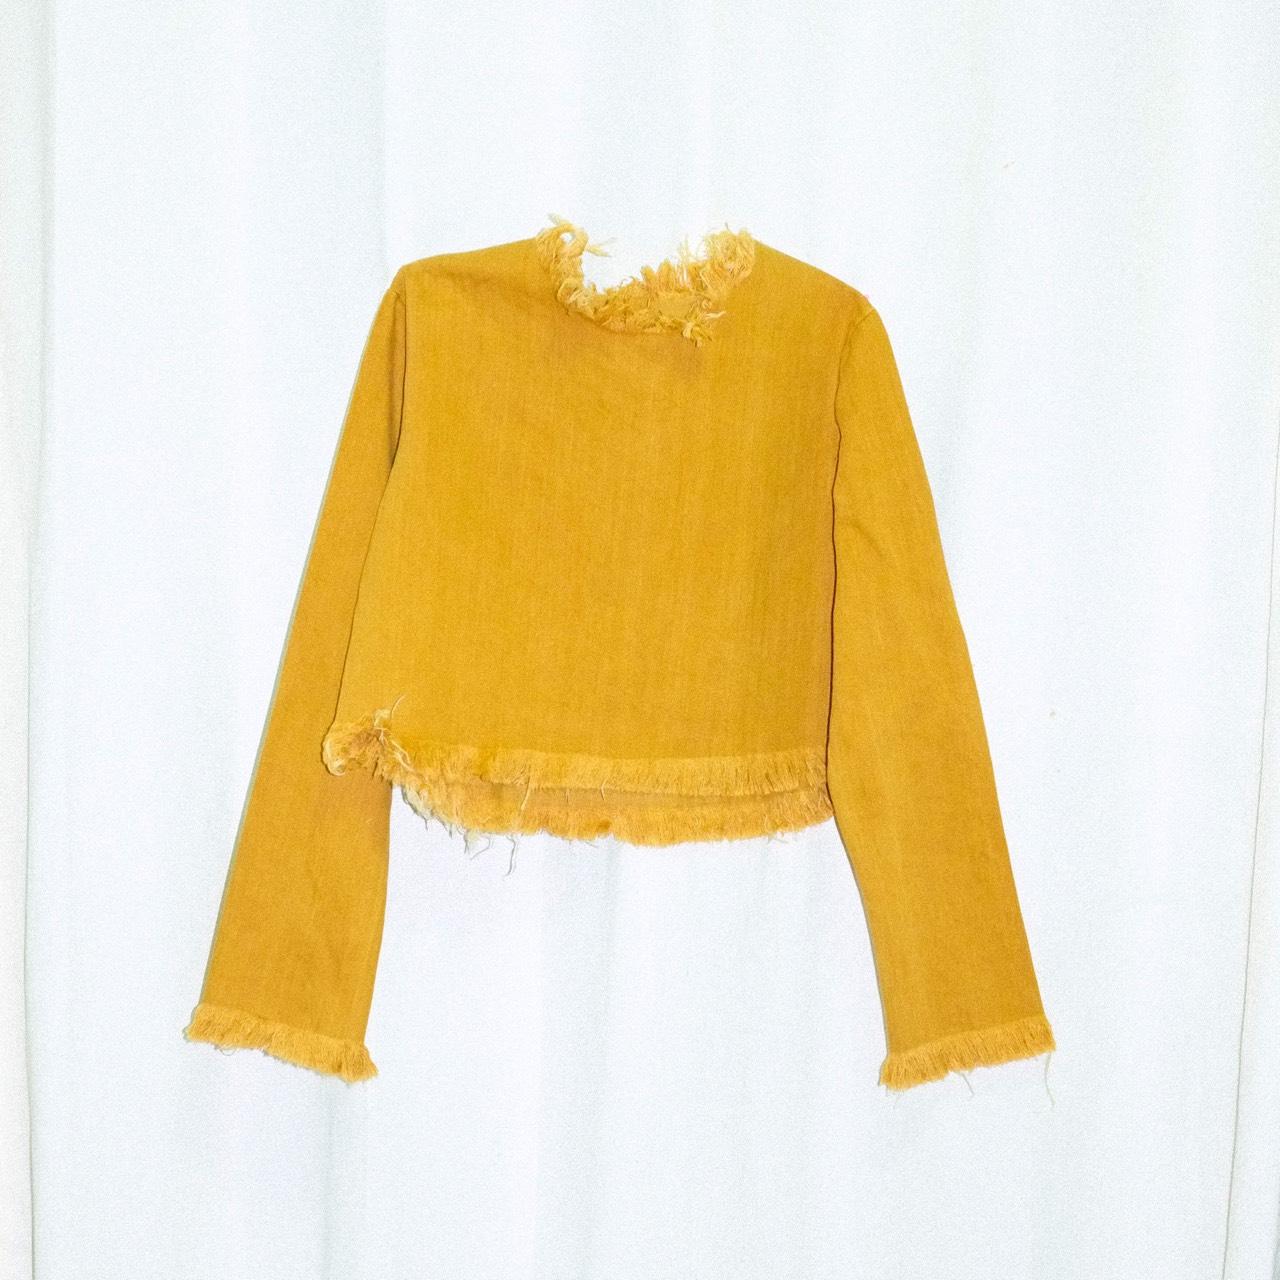 Dottodot33,เสื้อครอป,เสื้อผู้หญิง,เสื้อคอกลม,เสื้อแขนยาว